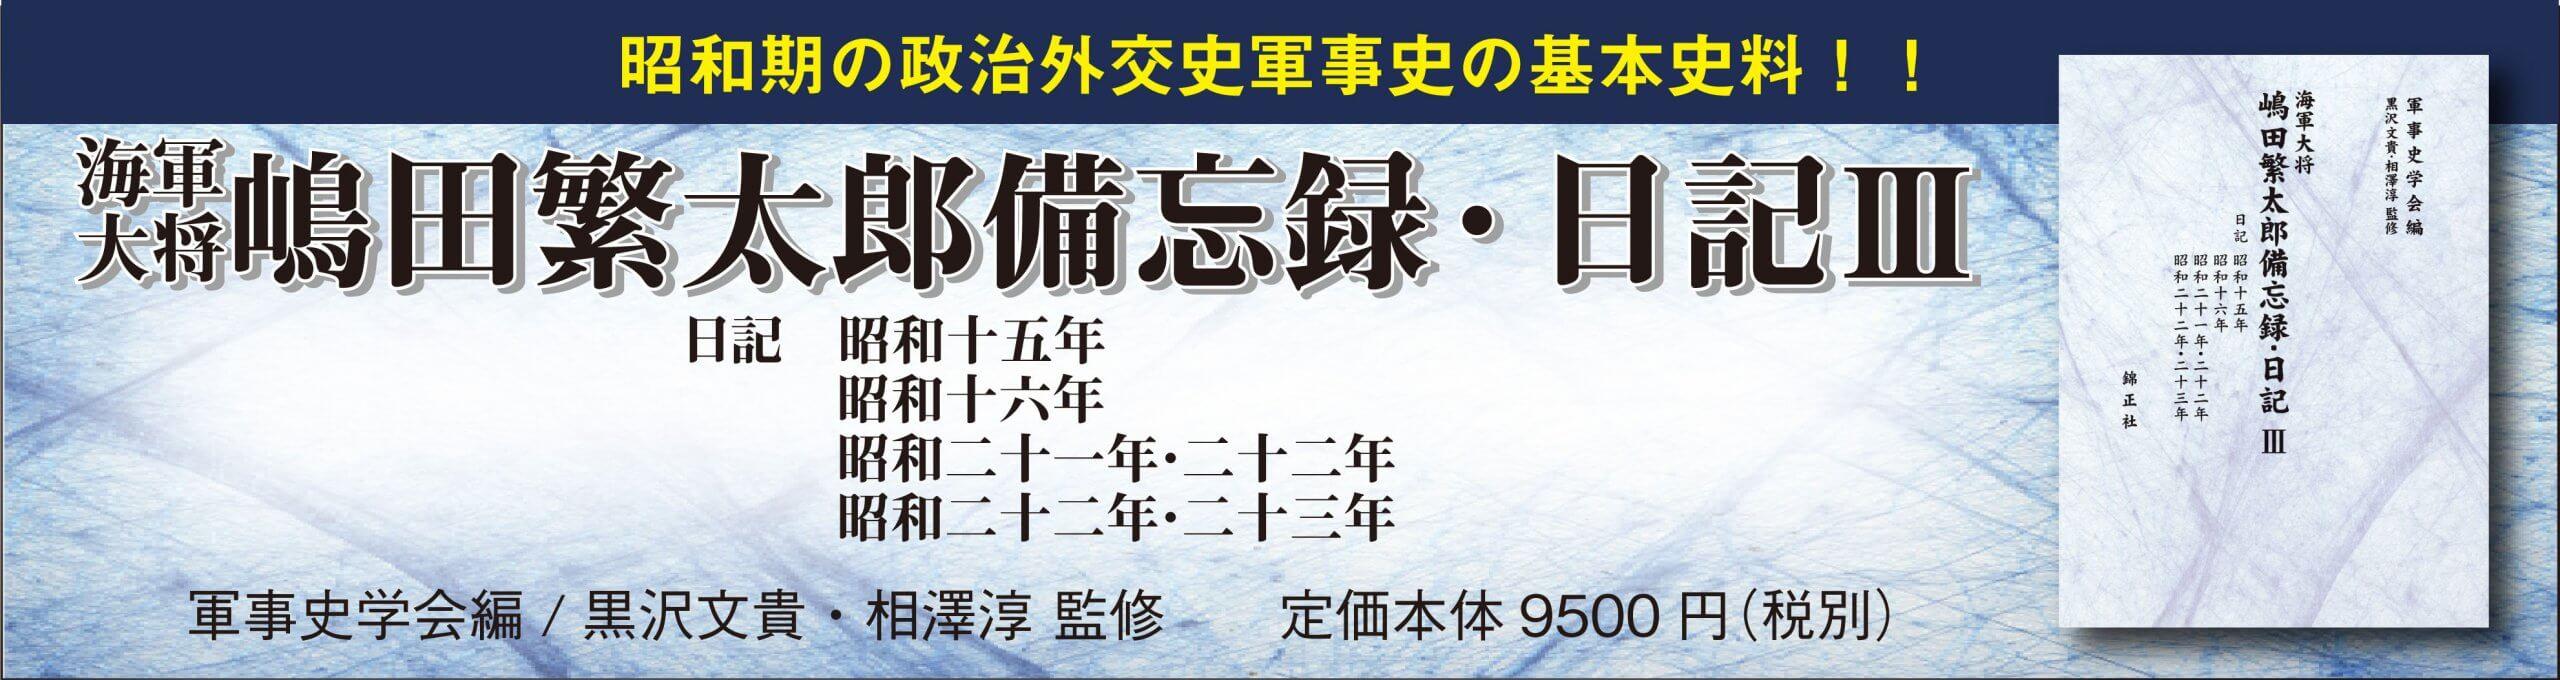 海軍大将嶋田繁太郎備忘録・日記Ⅲ